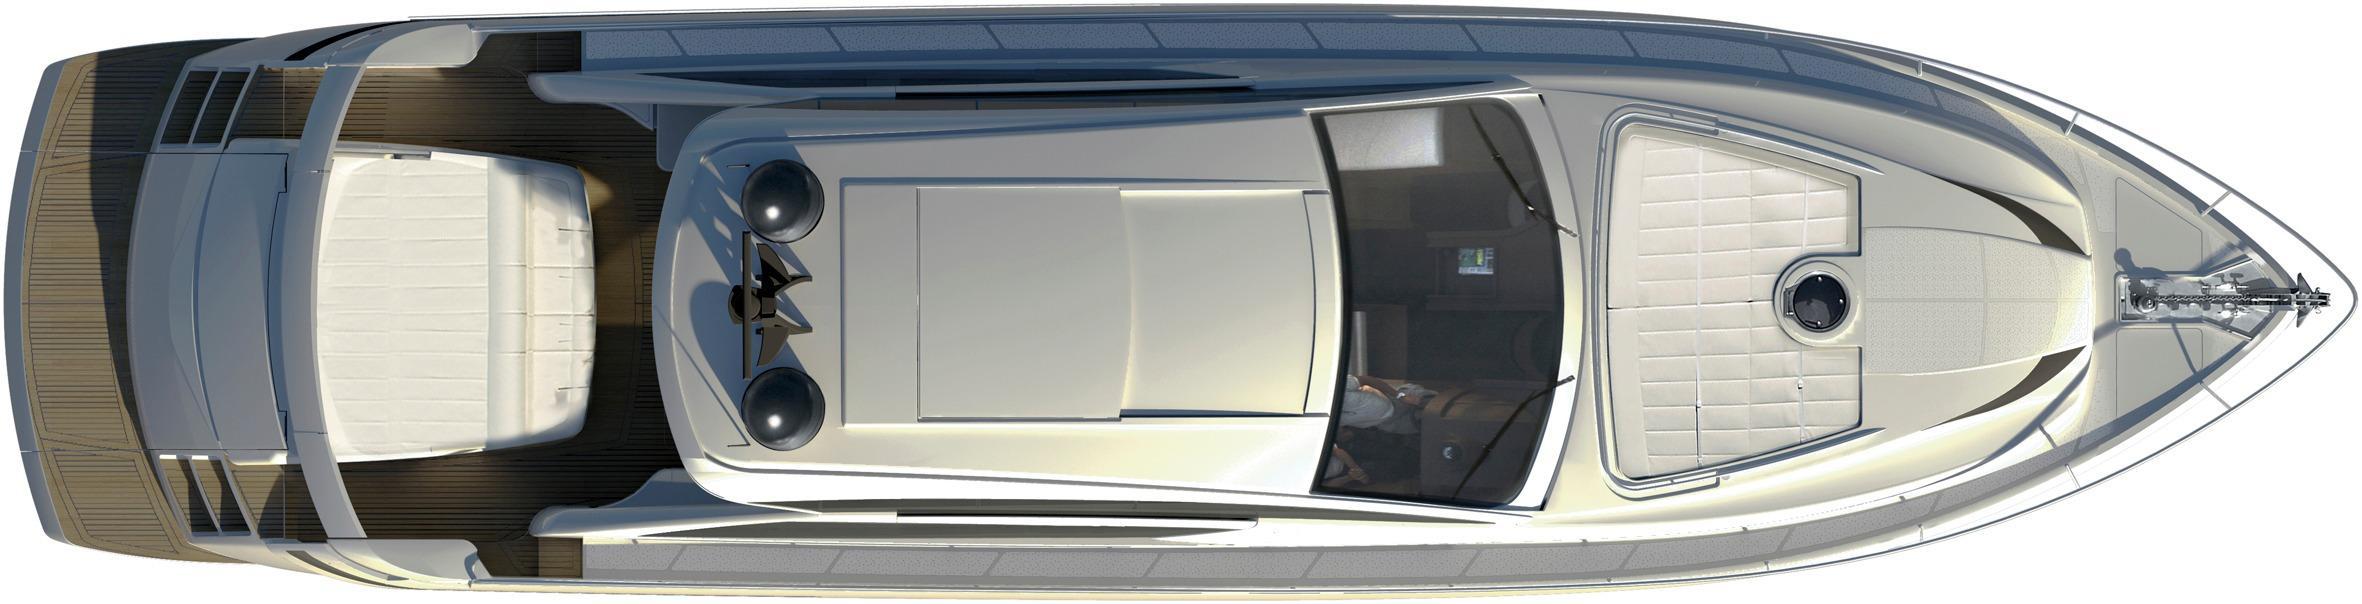 Manufacturer Provided Image: Pershing 62 Deck Layout Plan